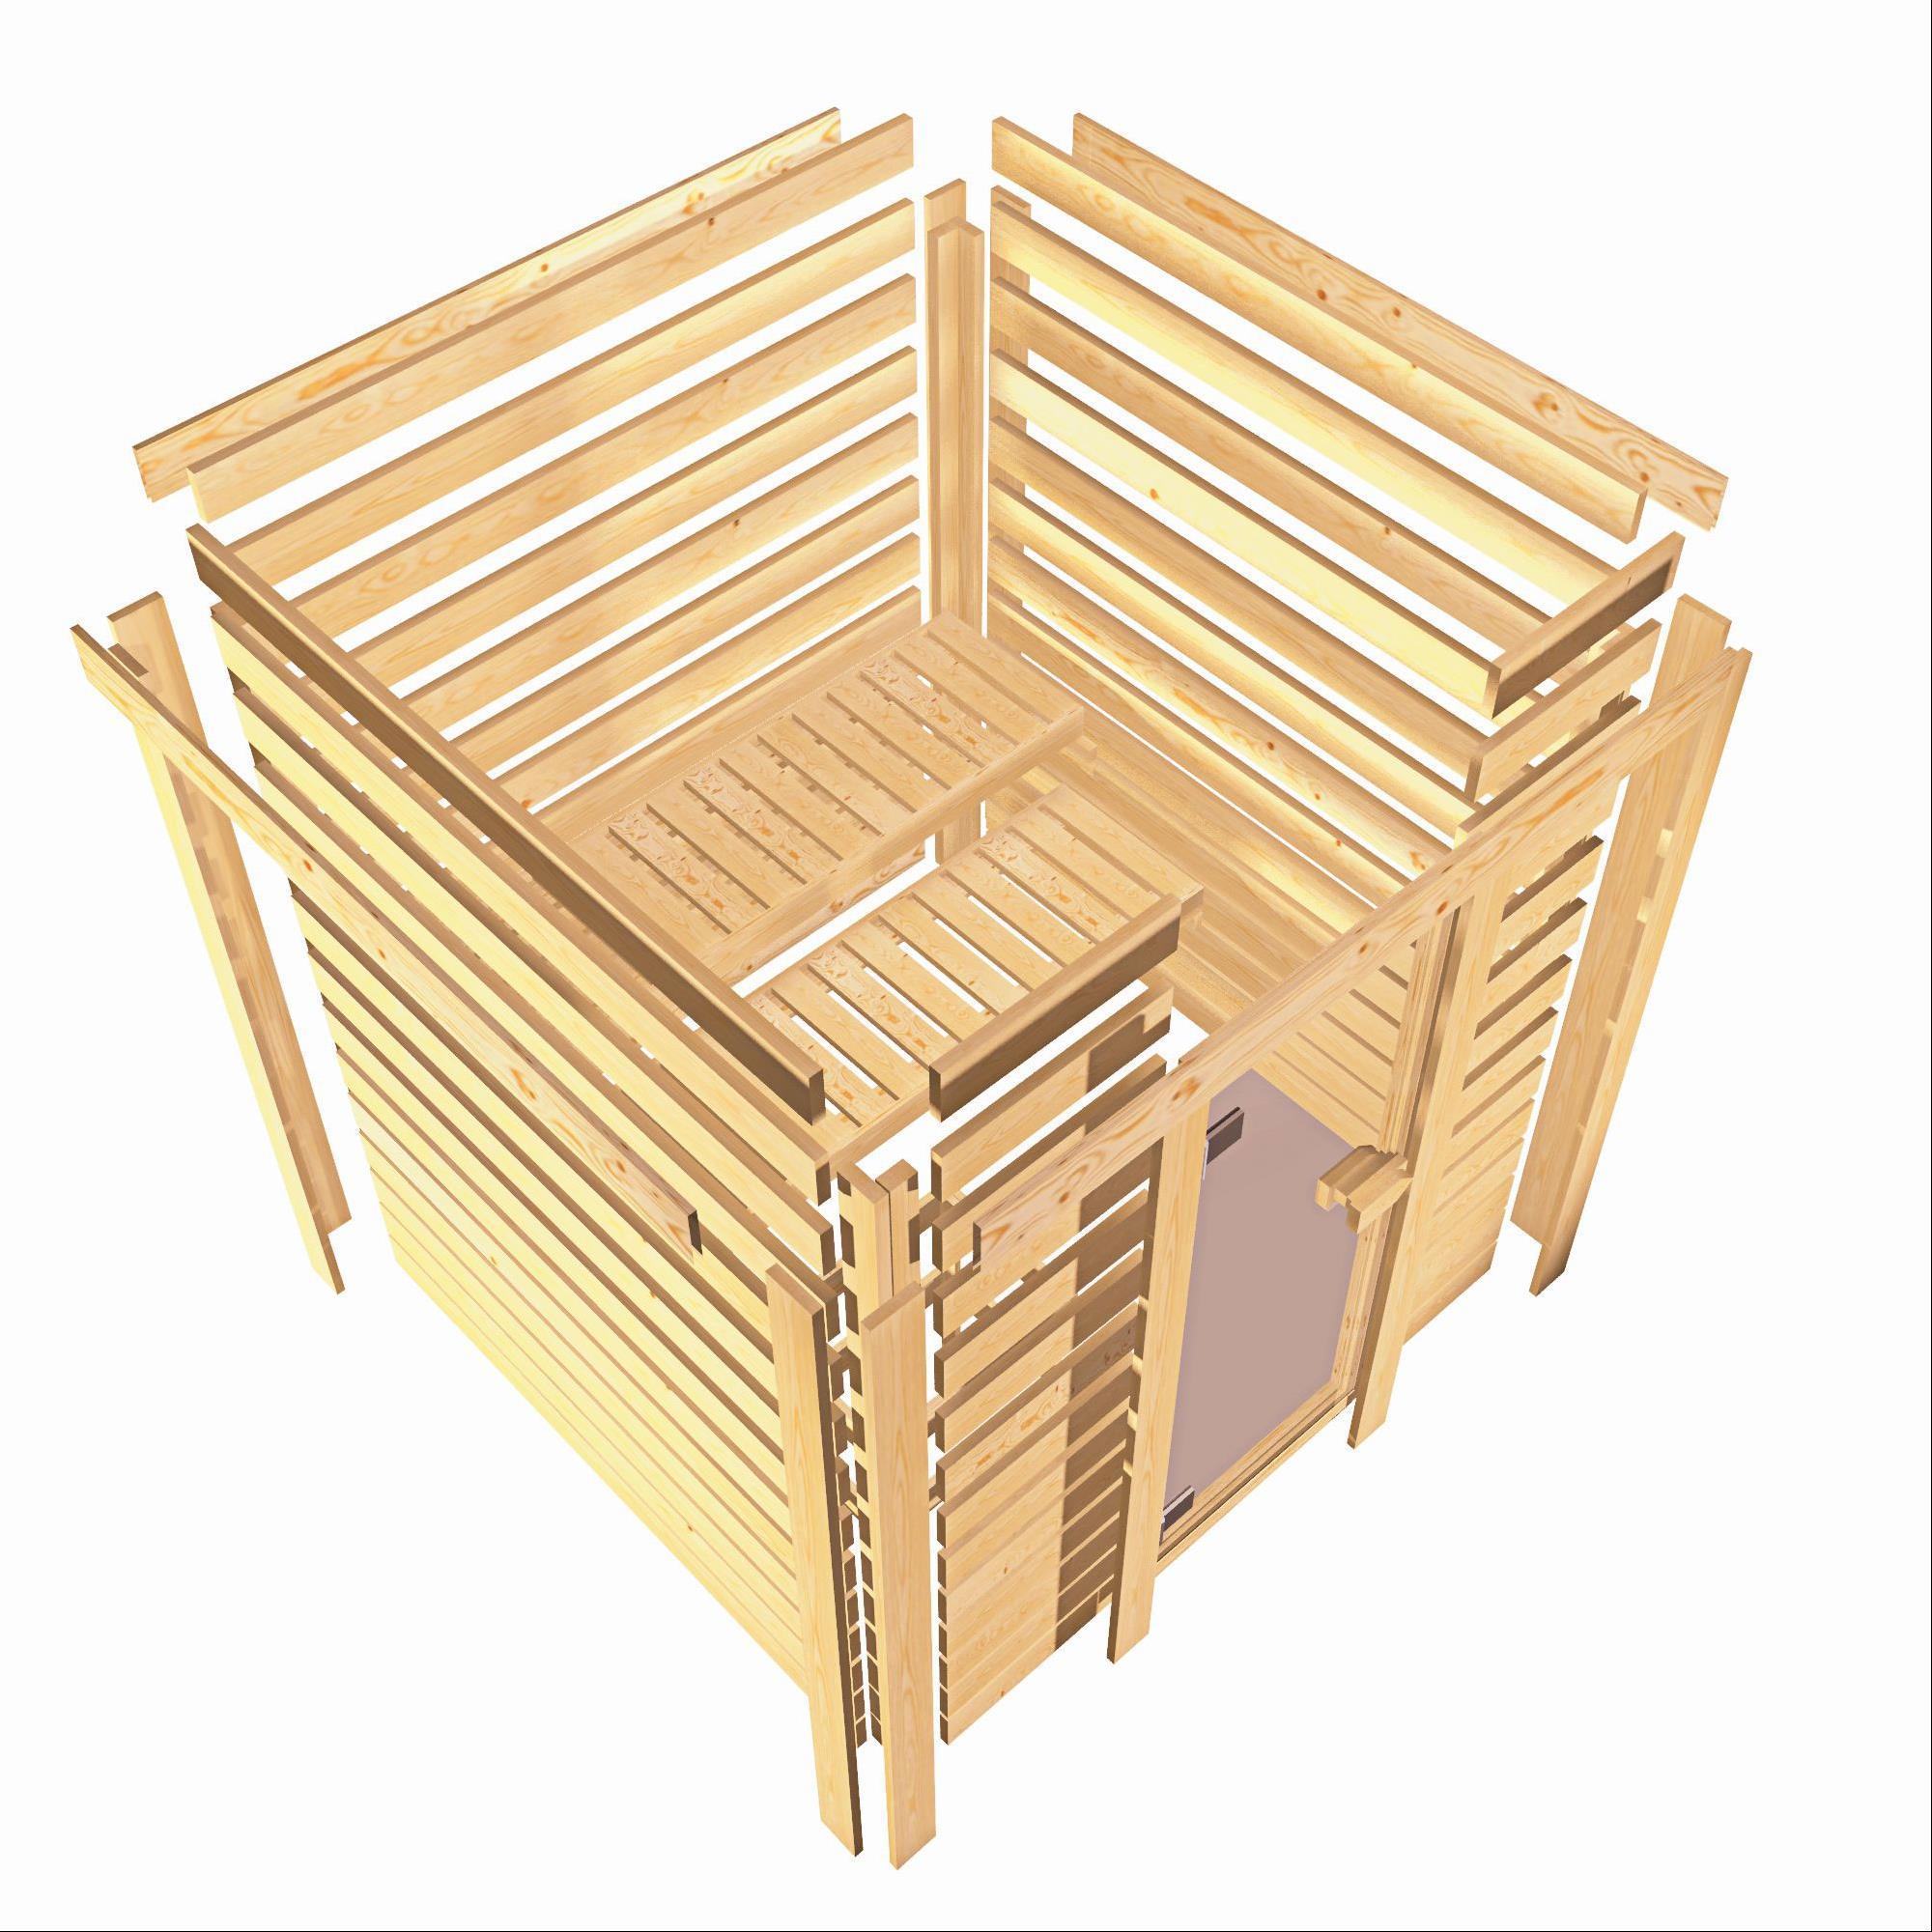 WoodFeeling Sauna Sonja 38mm Saunaofen 9 kW intern Kranz moderne  Tür Bild 4